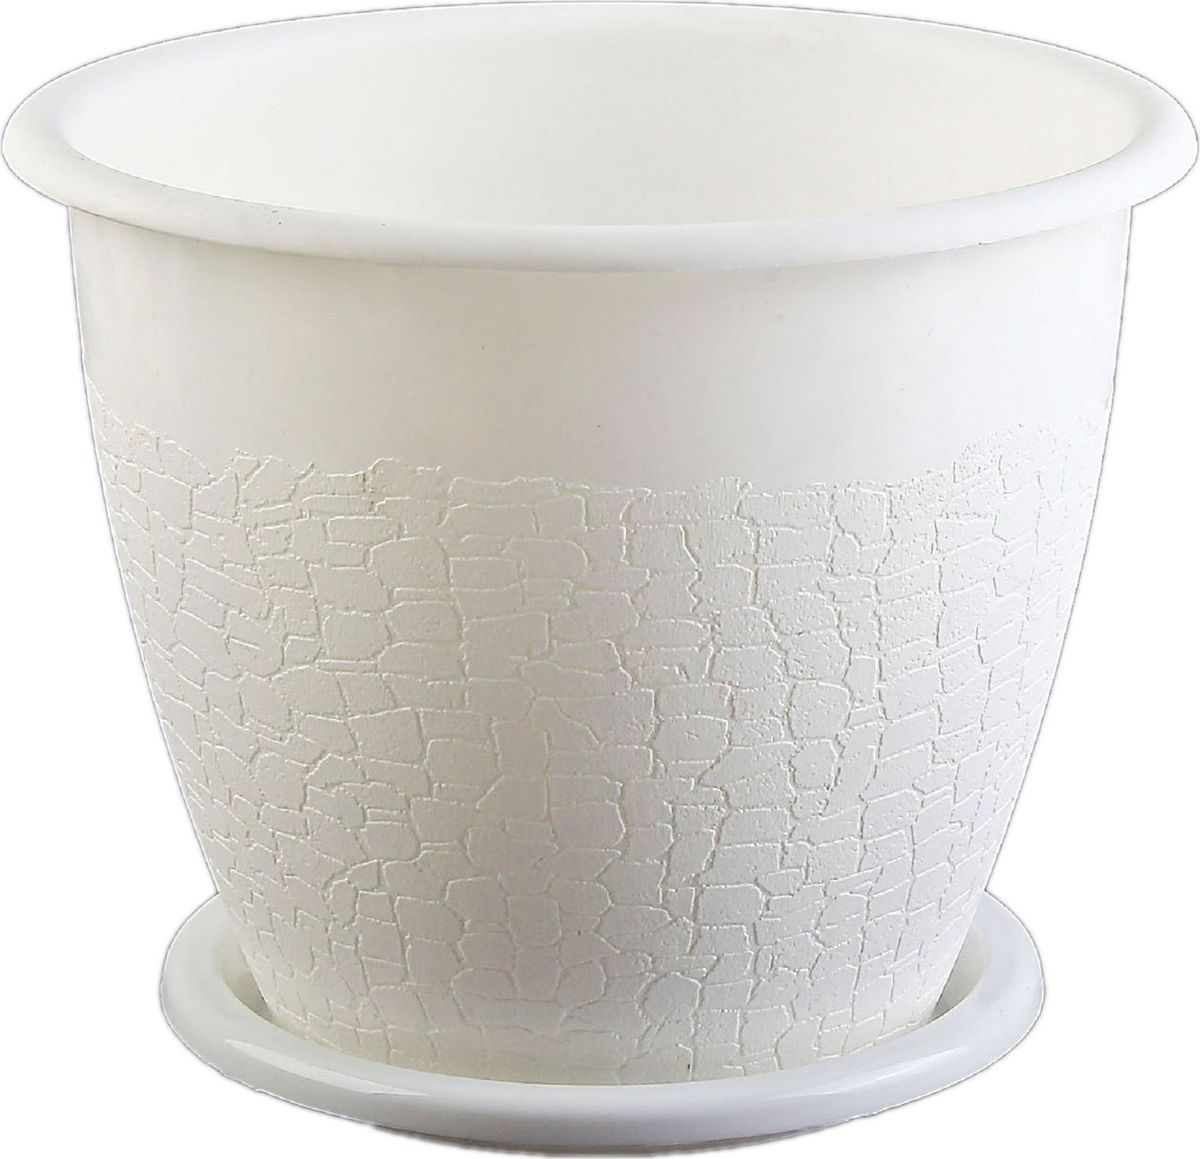 Горшок для цветов Альтернатива Розалия, с поддоном, цвет: белый, 3,2 л577760Любой, даже самый современный и продуманный интерьер будет не завершённым без растений. Они не только очищают воздух и насыщают его кислородом, но и заметно украшают окружающее пространство. Такому полезному &laquo члену семьи&raquoпросто необходимо красивое и функциональное кашпо, оригинальный горшок или необычная ваза! Мы предлагаем - Горшок для цветов Розалия 3,2 л, поддон, белый!Оптимальный выбор материала &mdash &nbsp пластмасса! Почему мы так считаем? Малый вес. С лёгкостью переносите горшки и кашпо с места на место, ставьте их на столики или полки, подвешивайте под потолок, не беспокоясь о нагрузке. Простота ухода. Пластиковые изделия не нуждаются в специальных условиях хранения. Их&nbsp легко чистить &mdashдостаточно просто сполоснуть тёплой водой. Никаких царапин. Пластиковые кашпо не царапают и не загрязняют поверхности, на которых стоят. Пластик дольше хранит влагу, а значит &mdashрастение реже нуждается в поливе. Пластмасса не пропускает воздух &mdashкорневой системе растения не грозят резкие перепады температур. Огромный выбор форм, декора и расцветок &mdashвы без труда подберёте что-то, что идеально впишется в уже существующий интерьер.Соблюдая нехитрые правила ухода, вы можете заметно продлить срок службы горшков, вазонов и кашпо из пластика: всегда учитывайте размер кроны и корневой системы растения (при разрастании большое растение способно повредить маленький горшок)берегите изделие от воздействия прямых солнечных лучей, чтобы кашпо и горшки не выцветалидержите кашпо и горшки из пластика подальше от нагревающихся поверхностей.Создавайте прекрасные цветочные композиции, выращивайте рассаду или необычные растения, а низкие цены позволят вам не ограничивать себя в выборе.